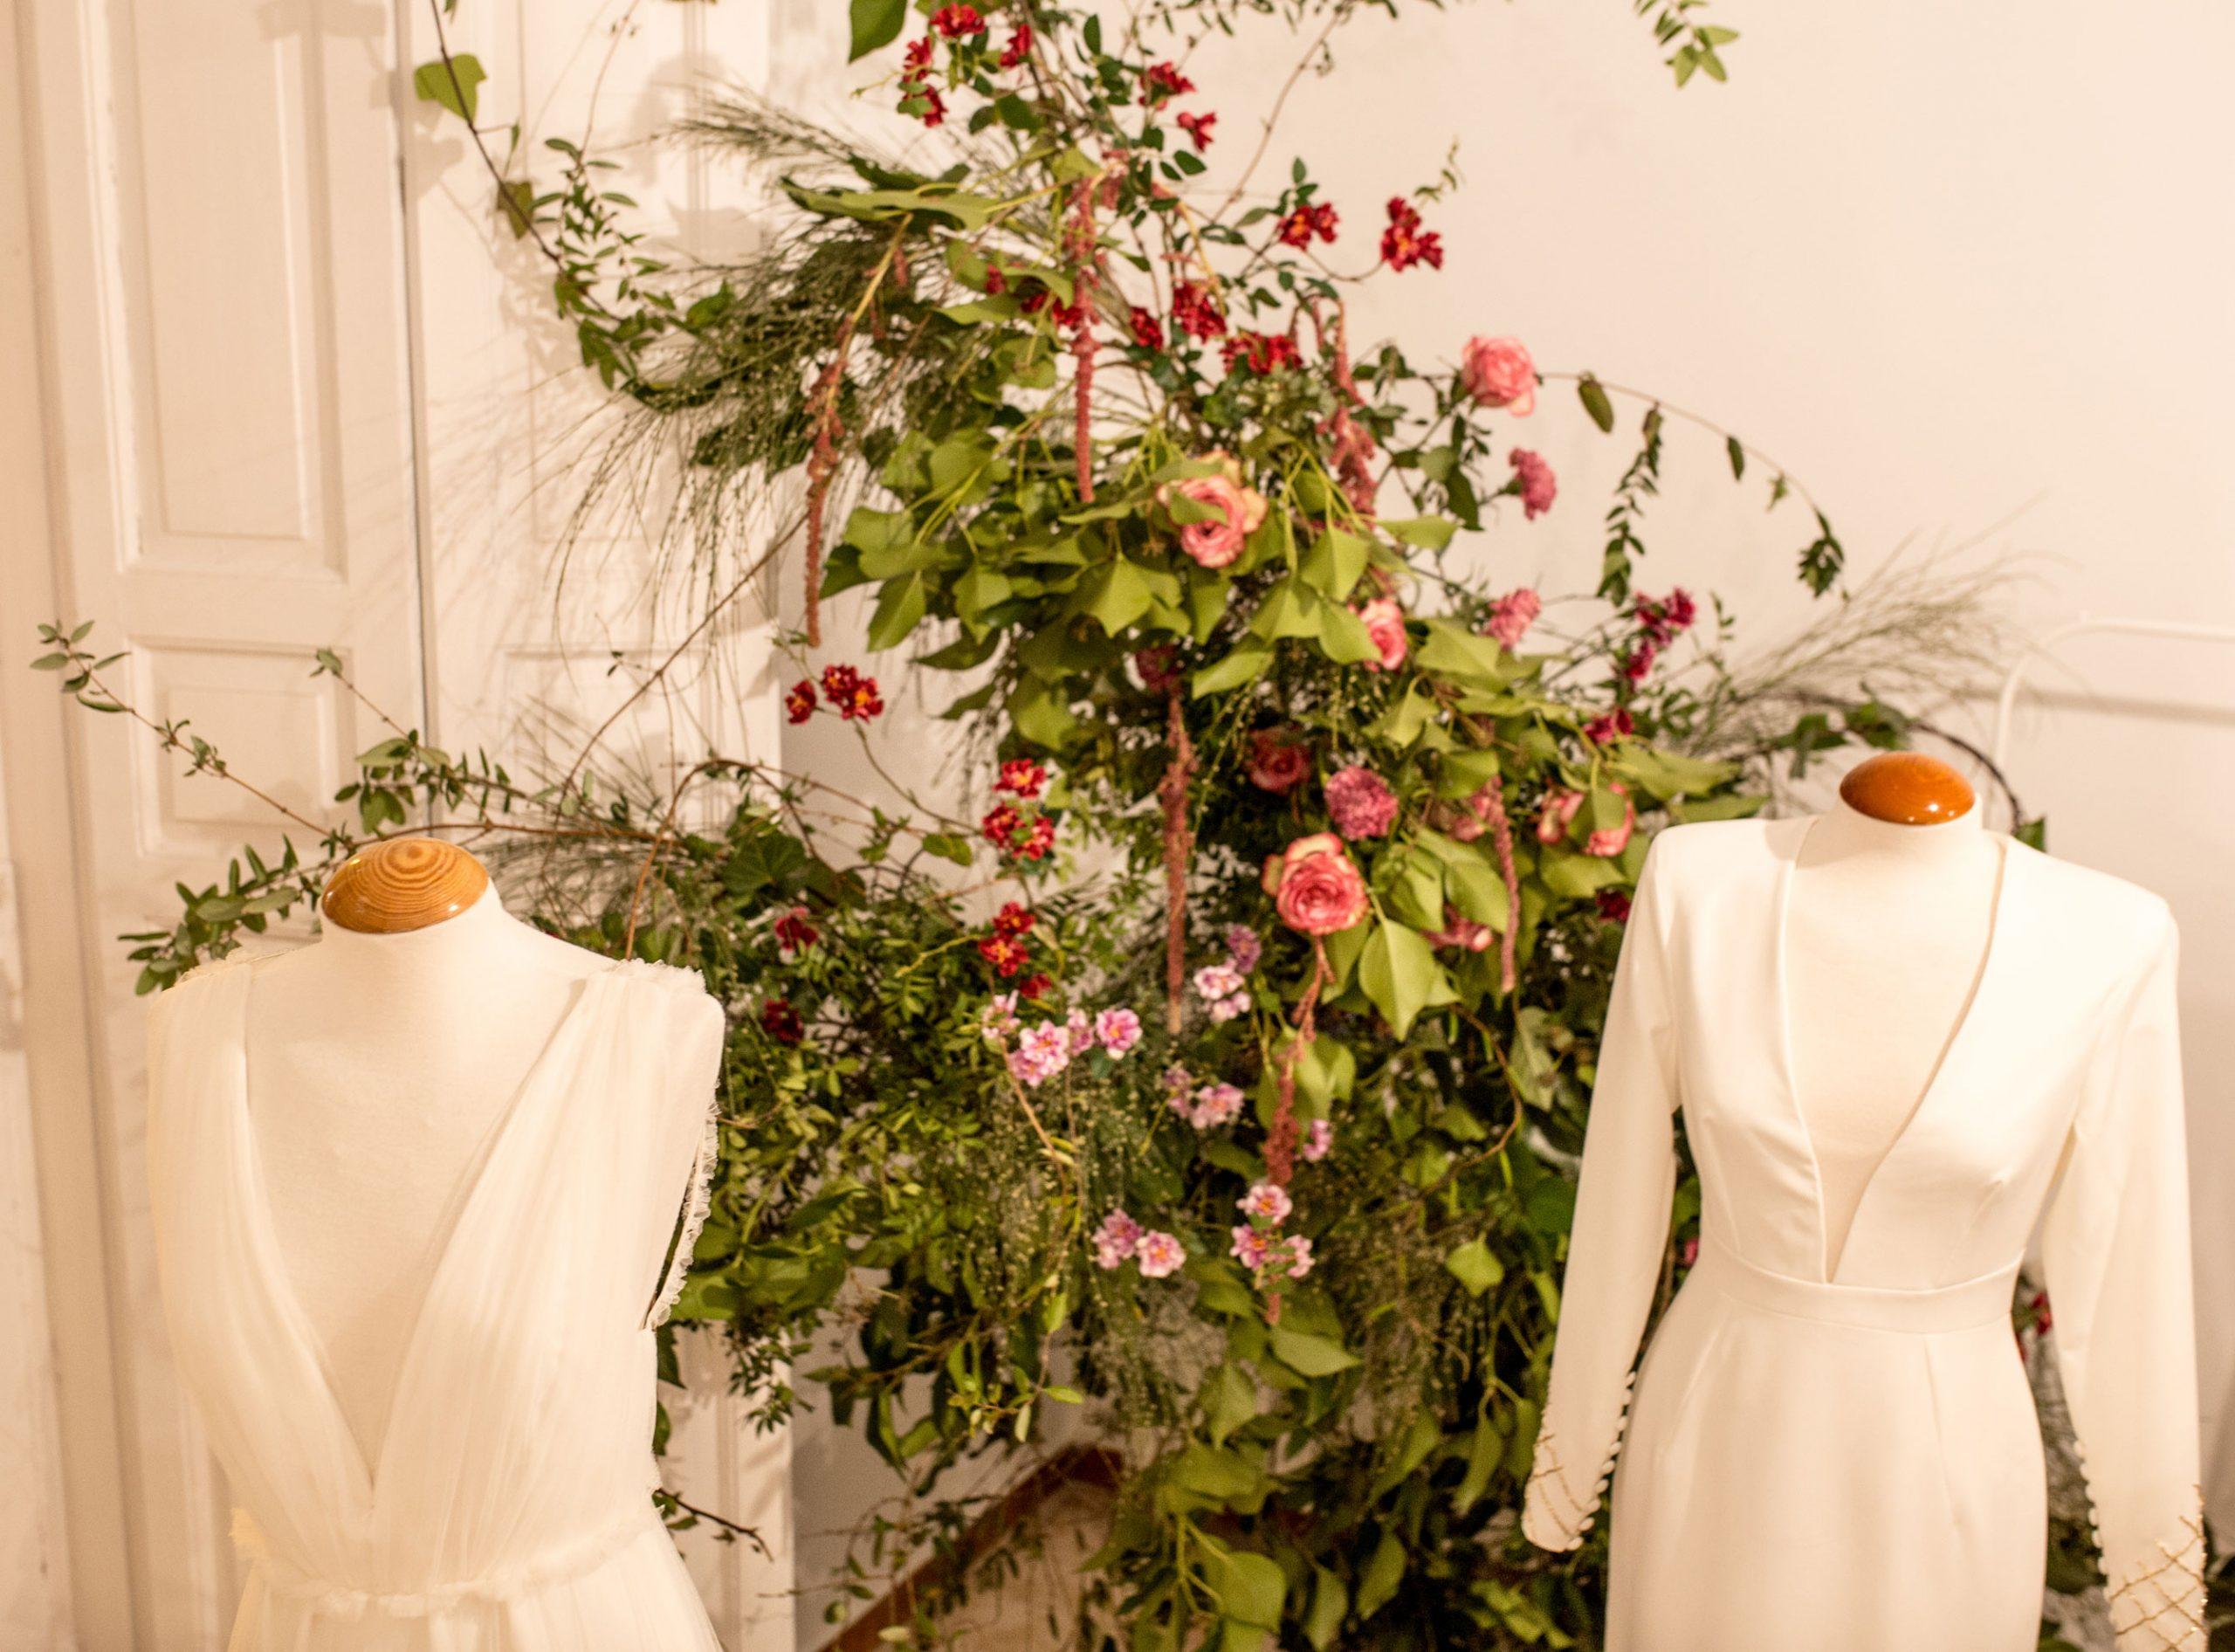 Arbolande-instalación-floral-presentación-vestidos-novia-Jorge-de-la-Rosa-Oahup